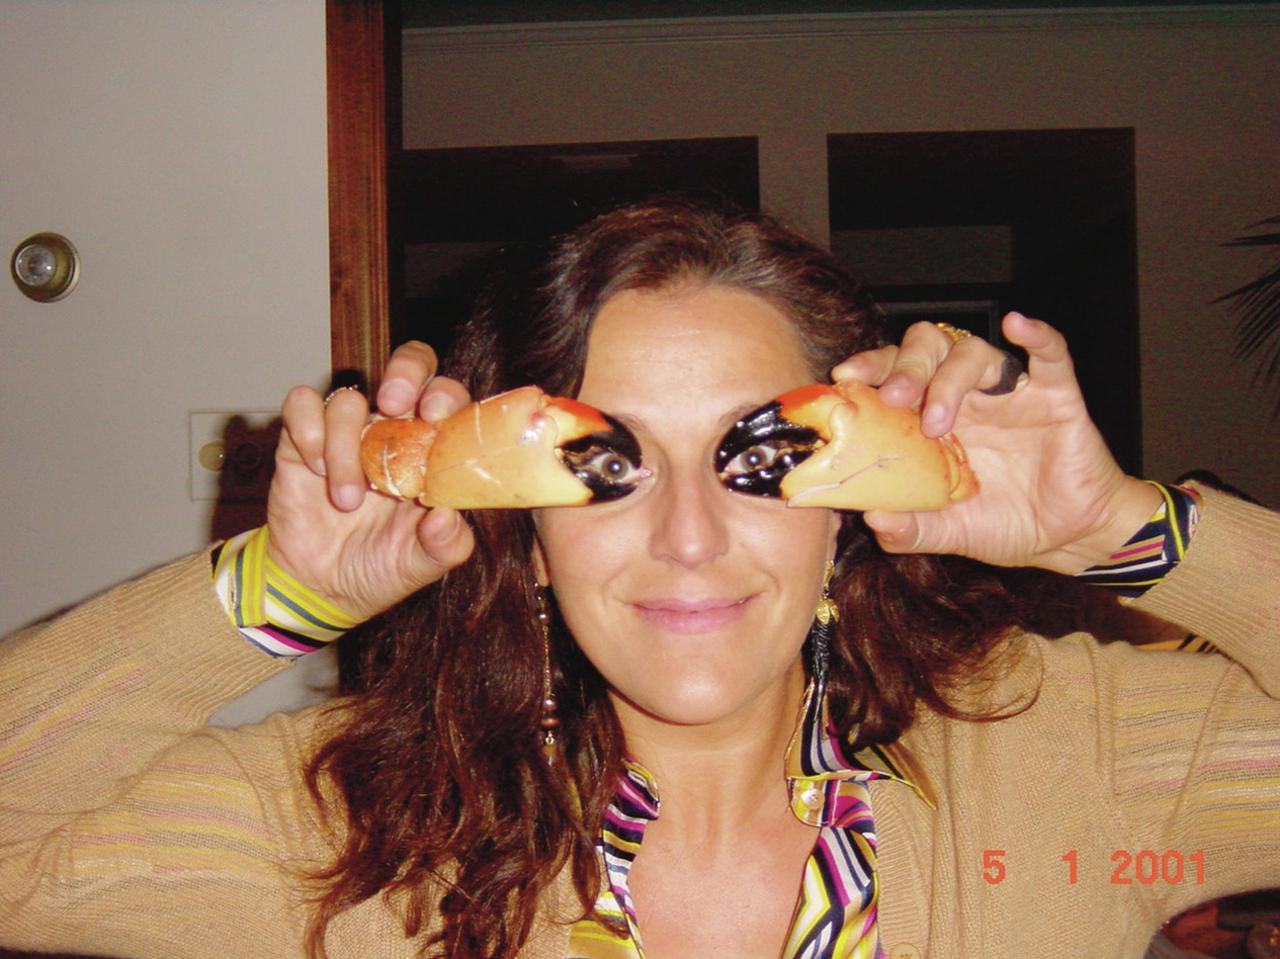 画像: 「フロリダで食べたカニの爪を手にした私。イヤリングが左右で違うのは、私の好みなの」 COURTESY OF MISSONI